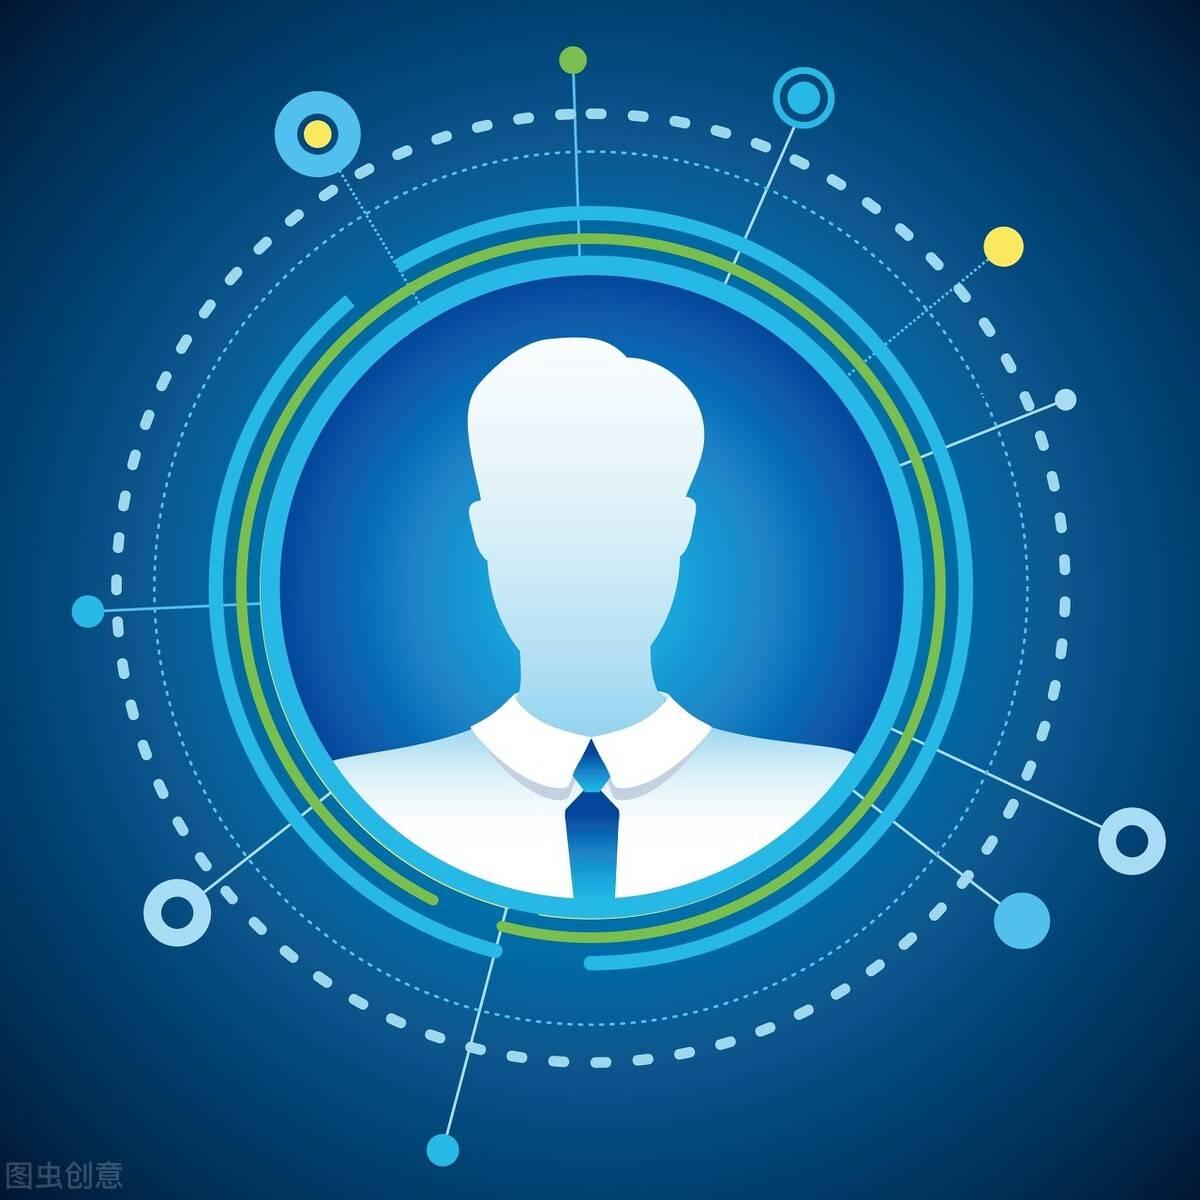 在一个不注重个人信息安全的环境改变操作系统会好吗?